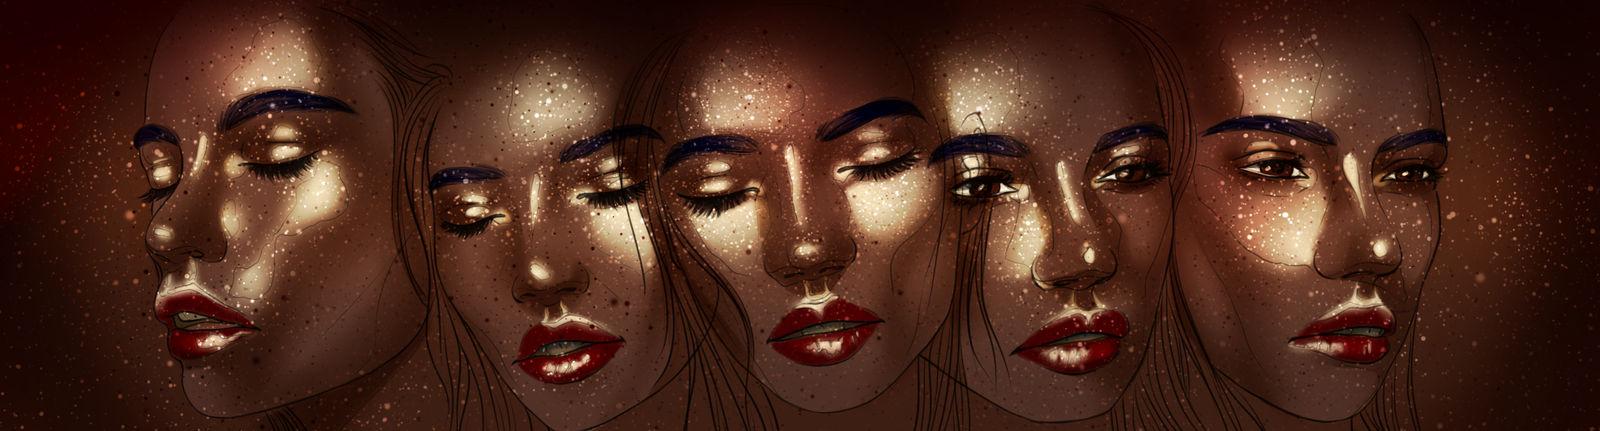 Untitled by AmigoGirl